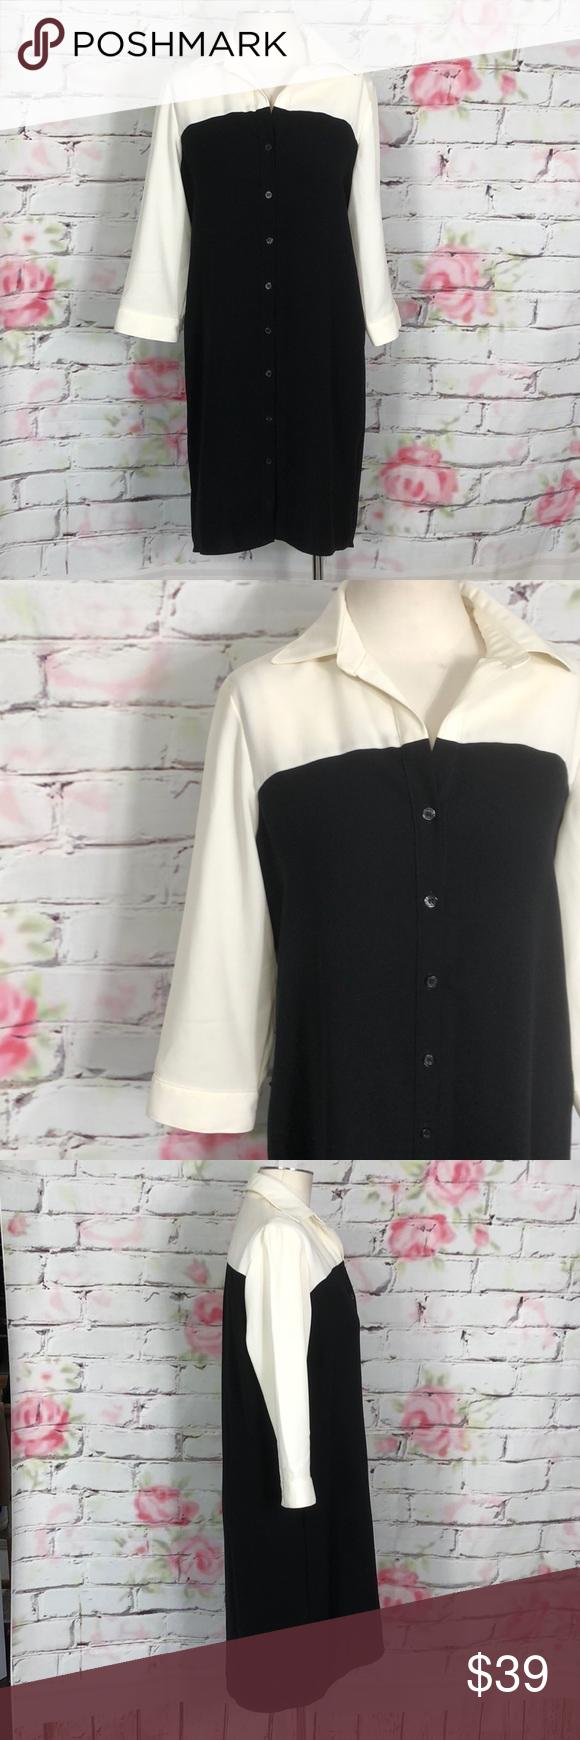 The Limited Long Sleeve Button Up Shirt Dress The Limited Dresses Dresses For Work Button Down Shirt Dress [ 1740 x 580 Pixel ]